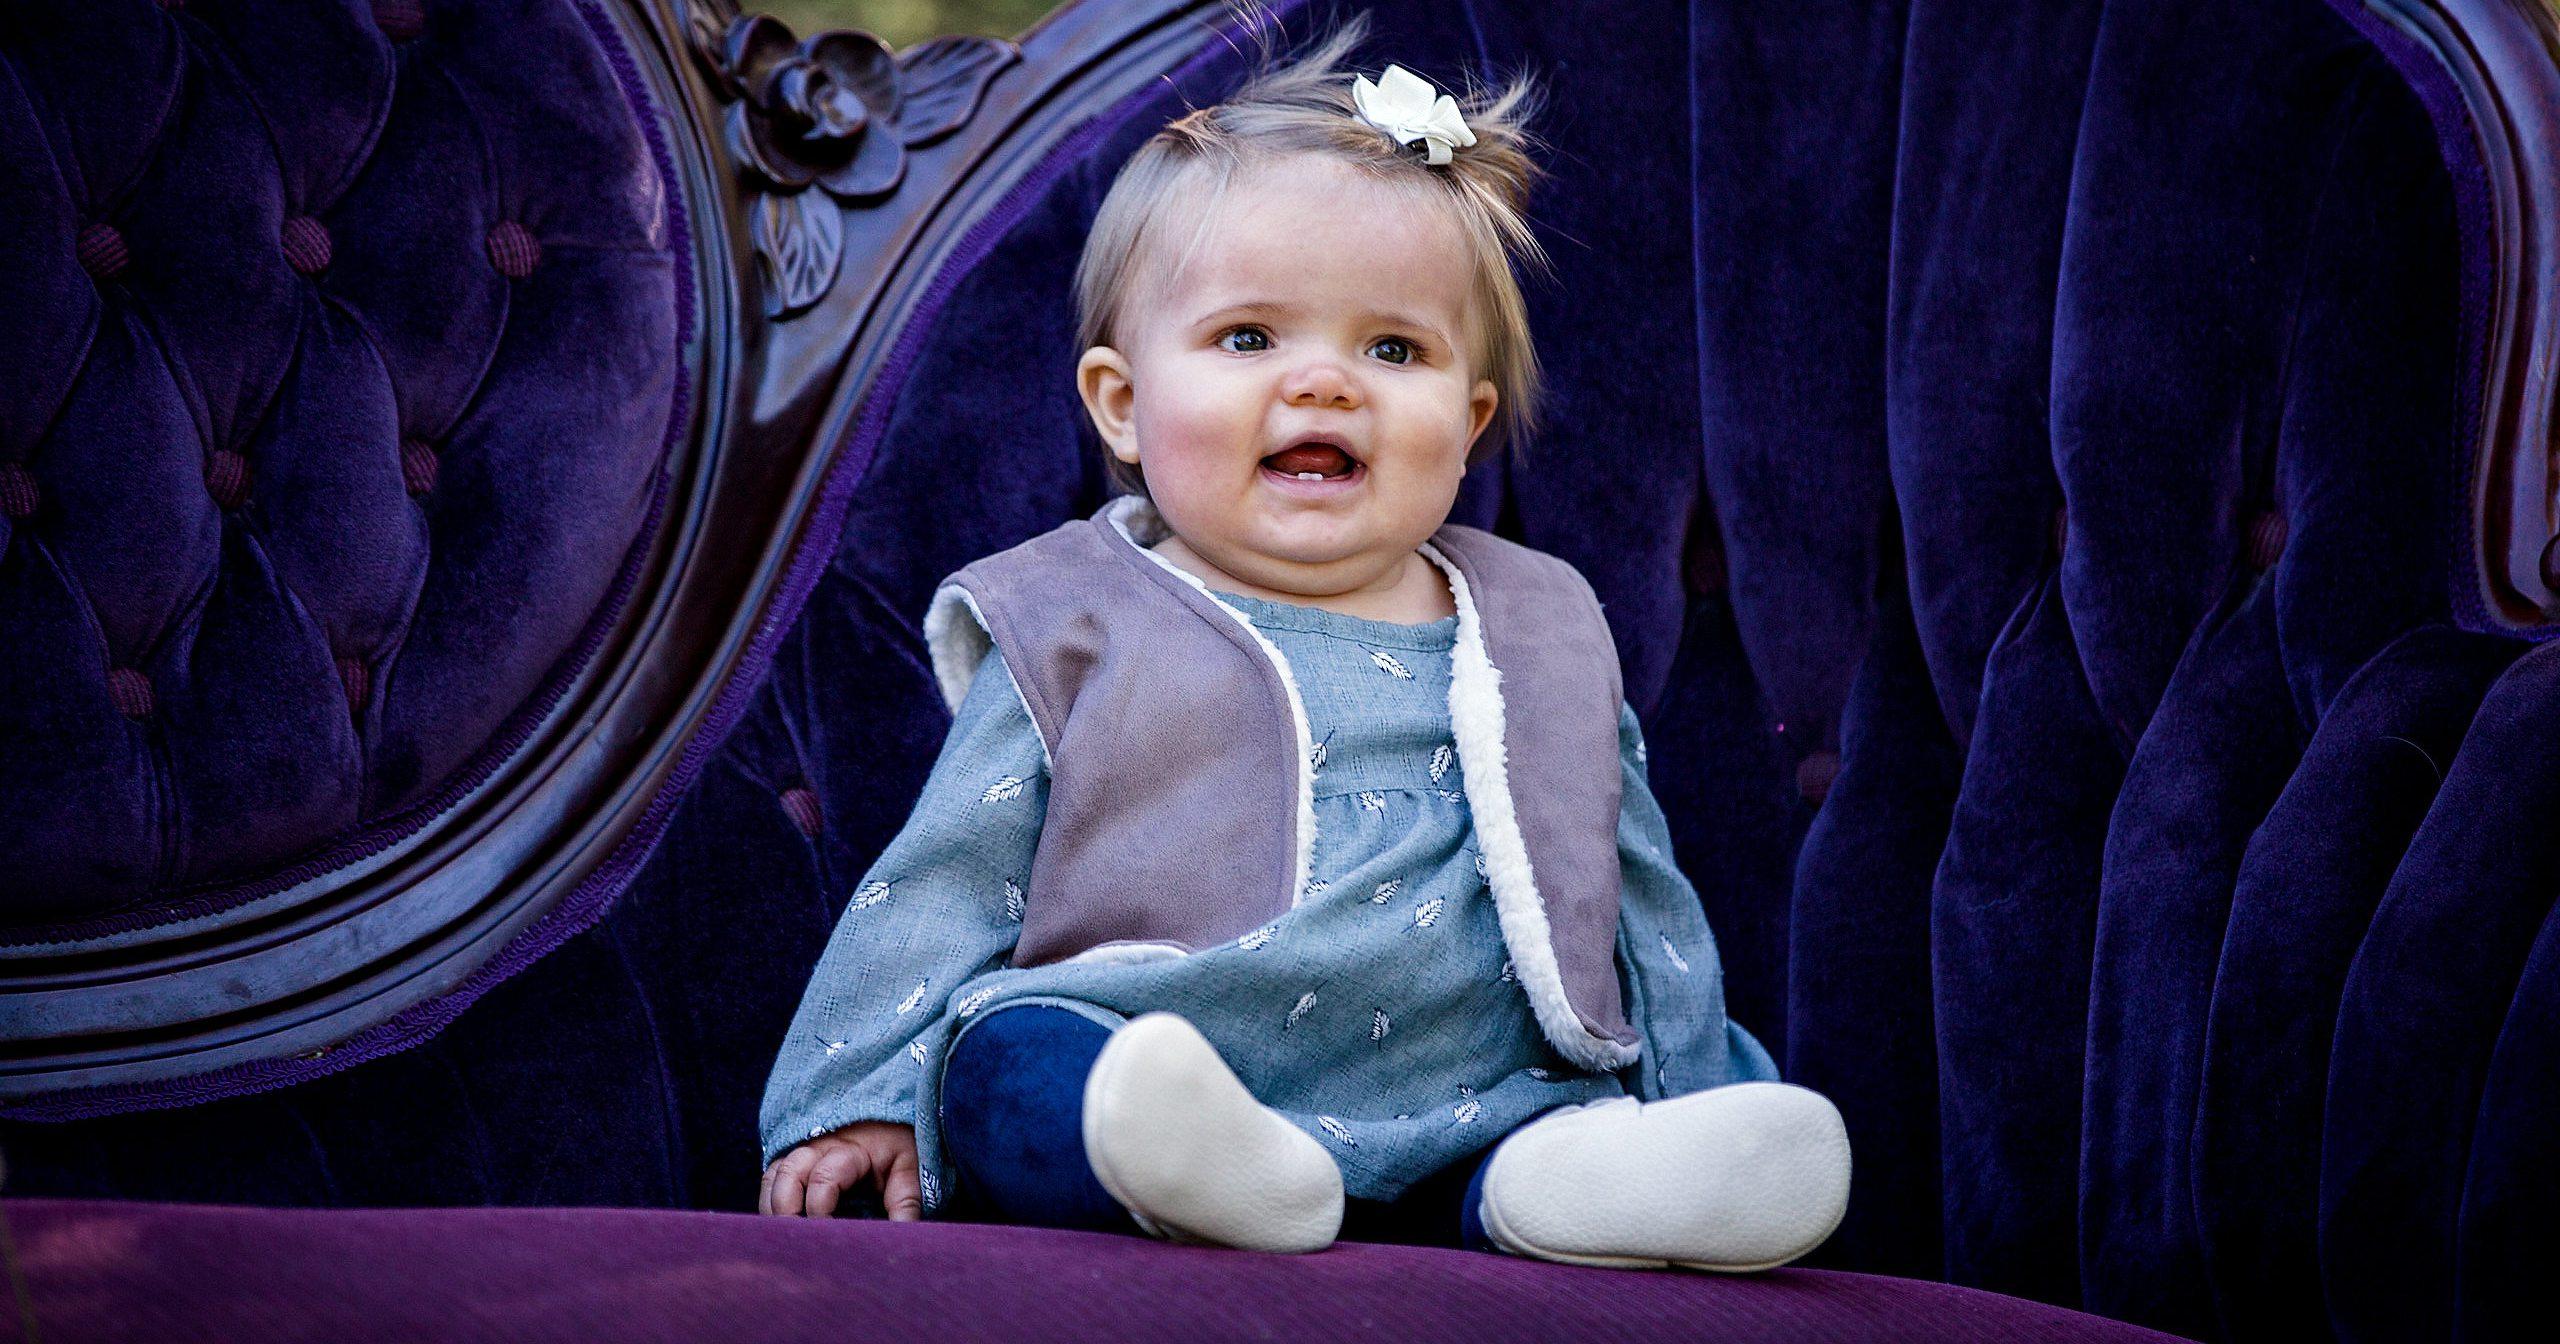 Josie Henson Cutest Baby Finalist